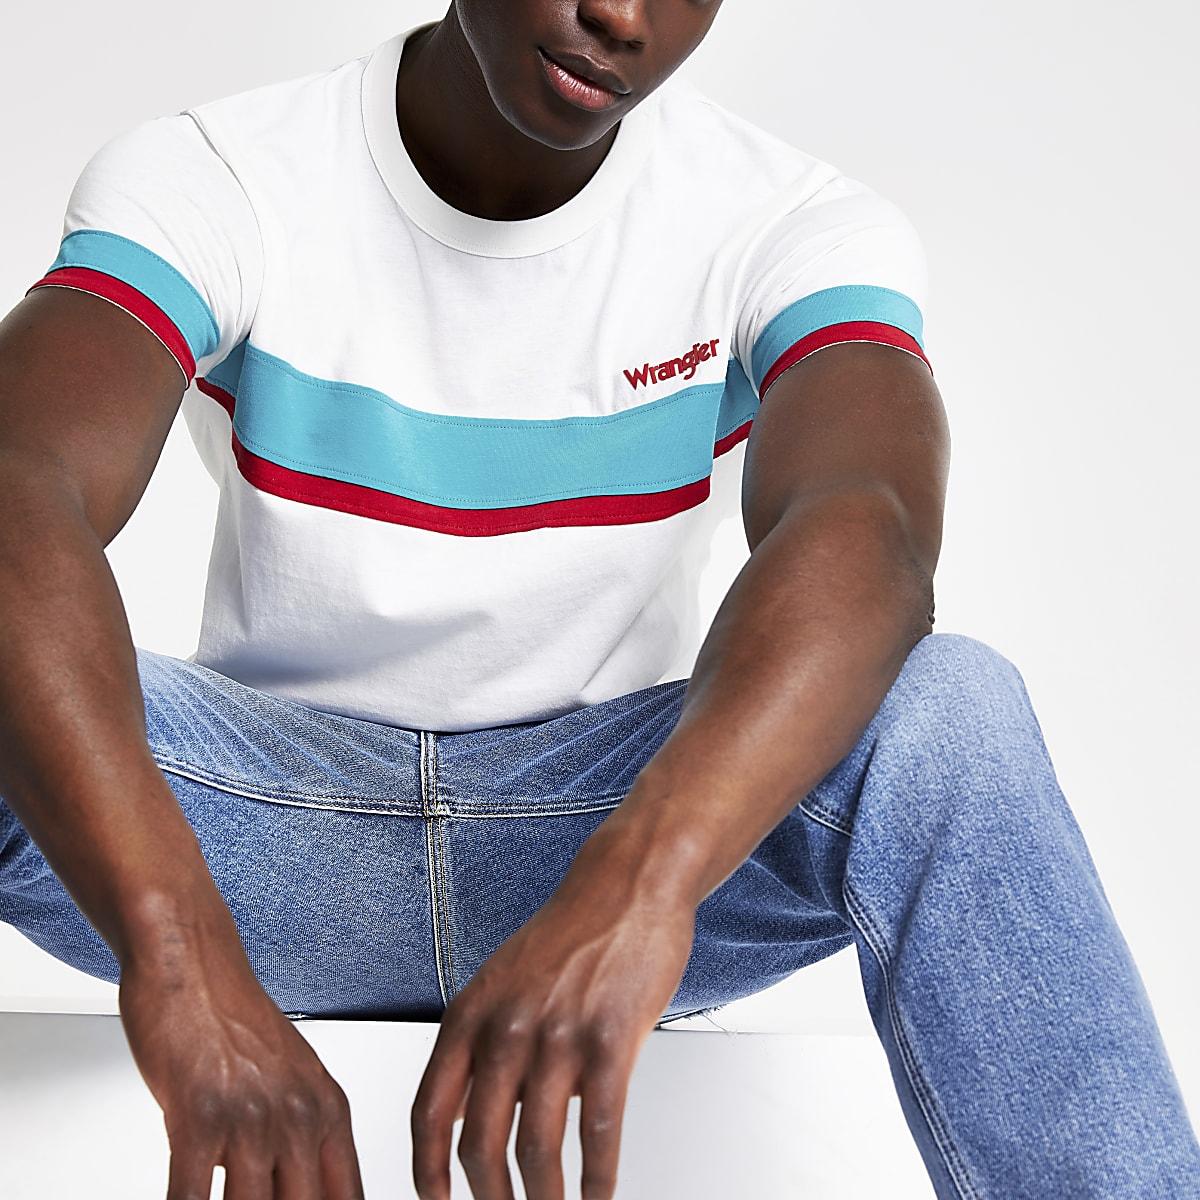 Wrangler white block T-shirt